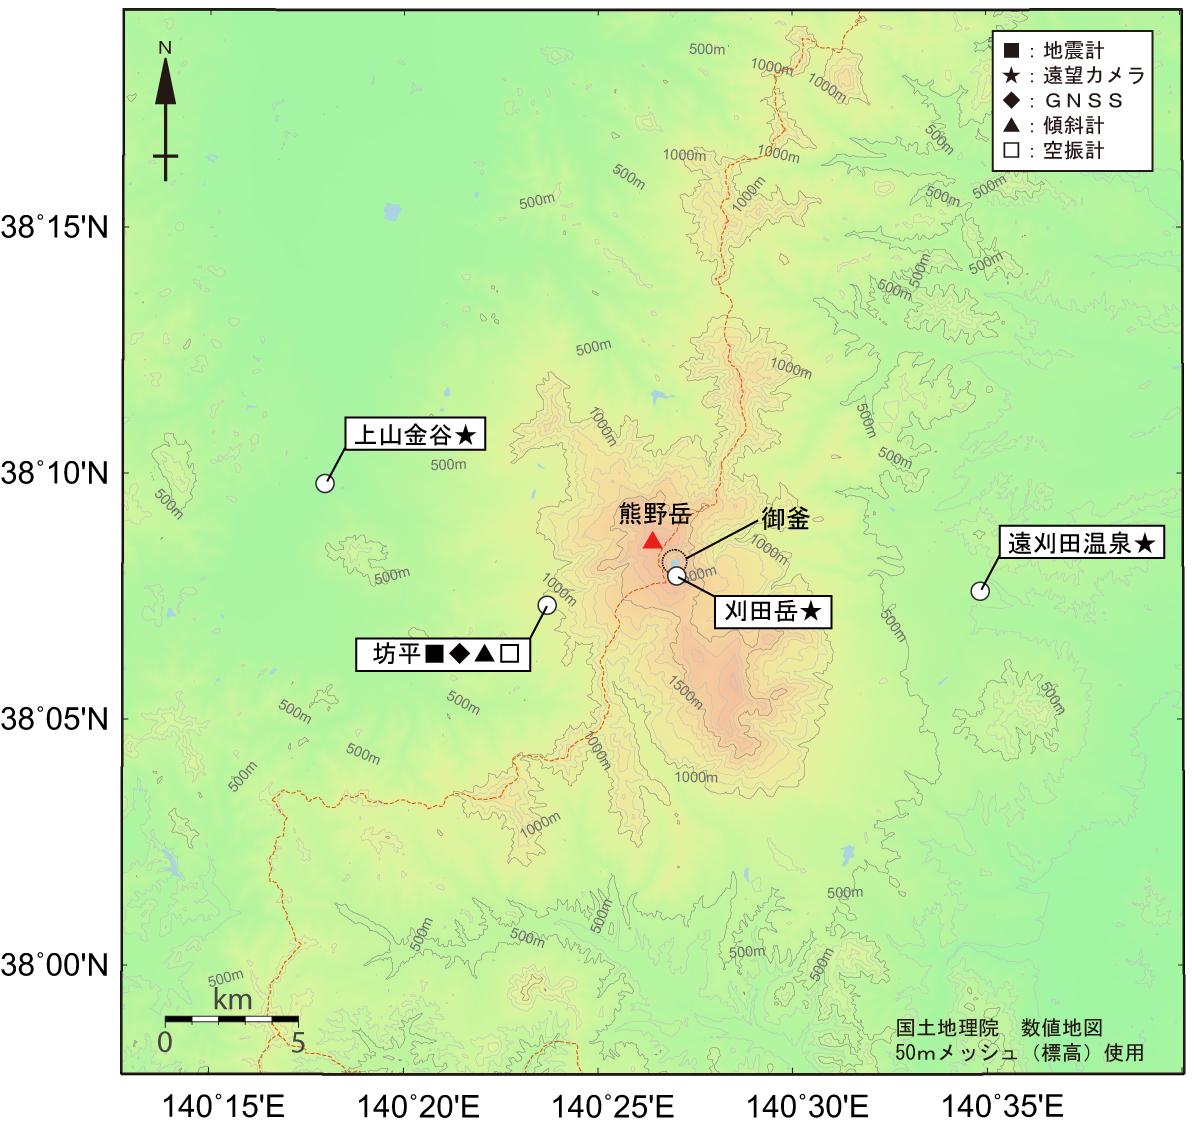 蔵王山地震計・空振計・傾斜計・GPS・遠望カメラ